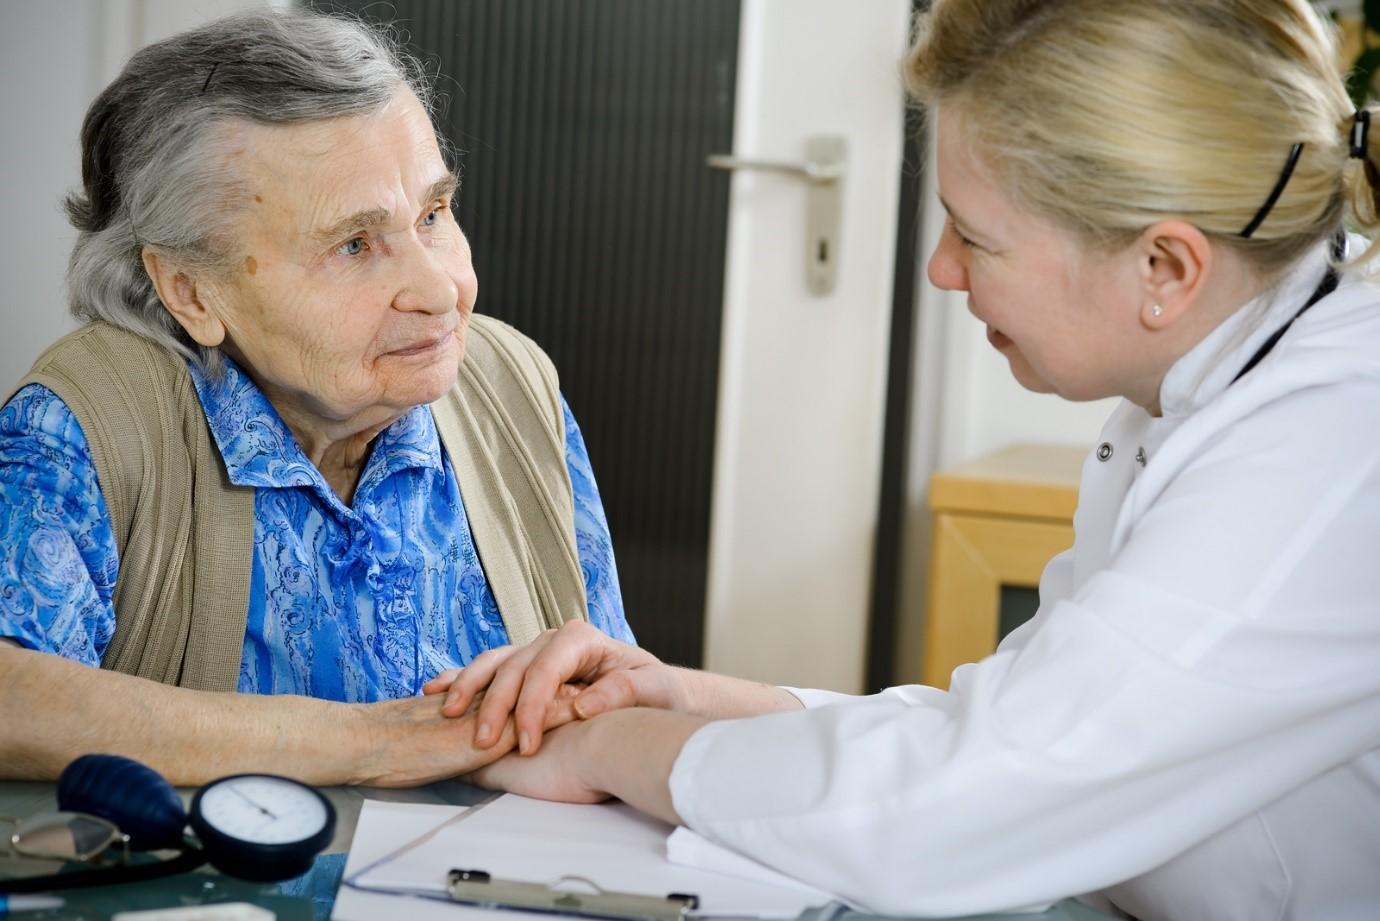 Консультация с врачом необходима до начала любой терапии.